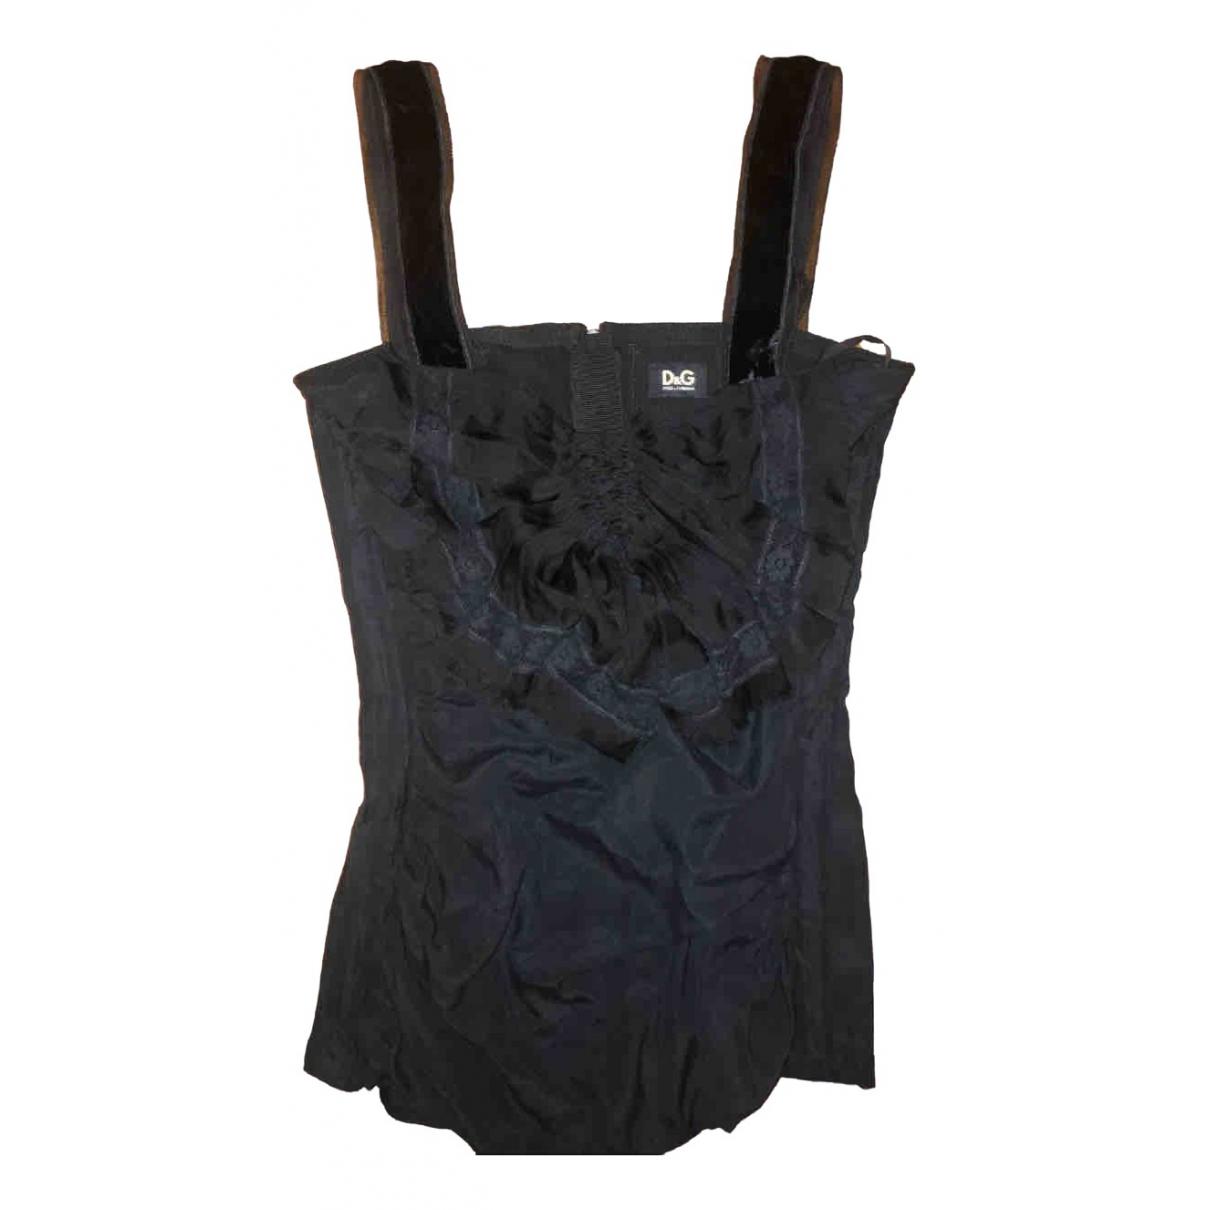 D&g N Black Silk  top for Women 38 IT